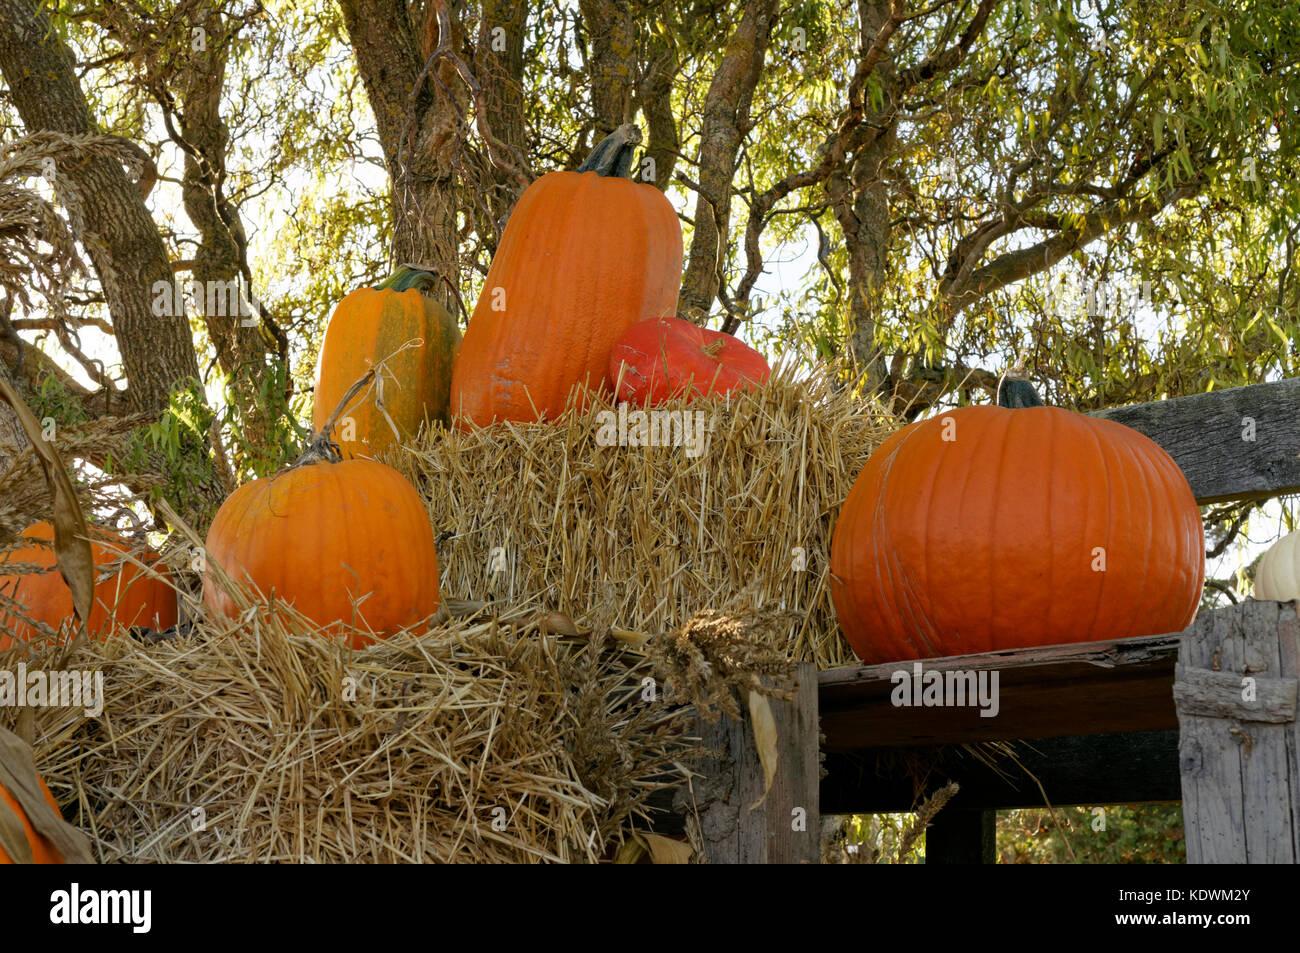 display-of-pumpkins-and-bales-of-hay-at-